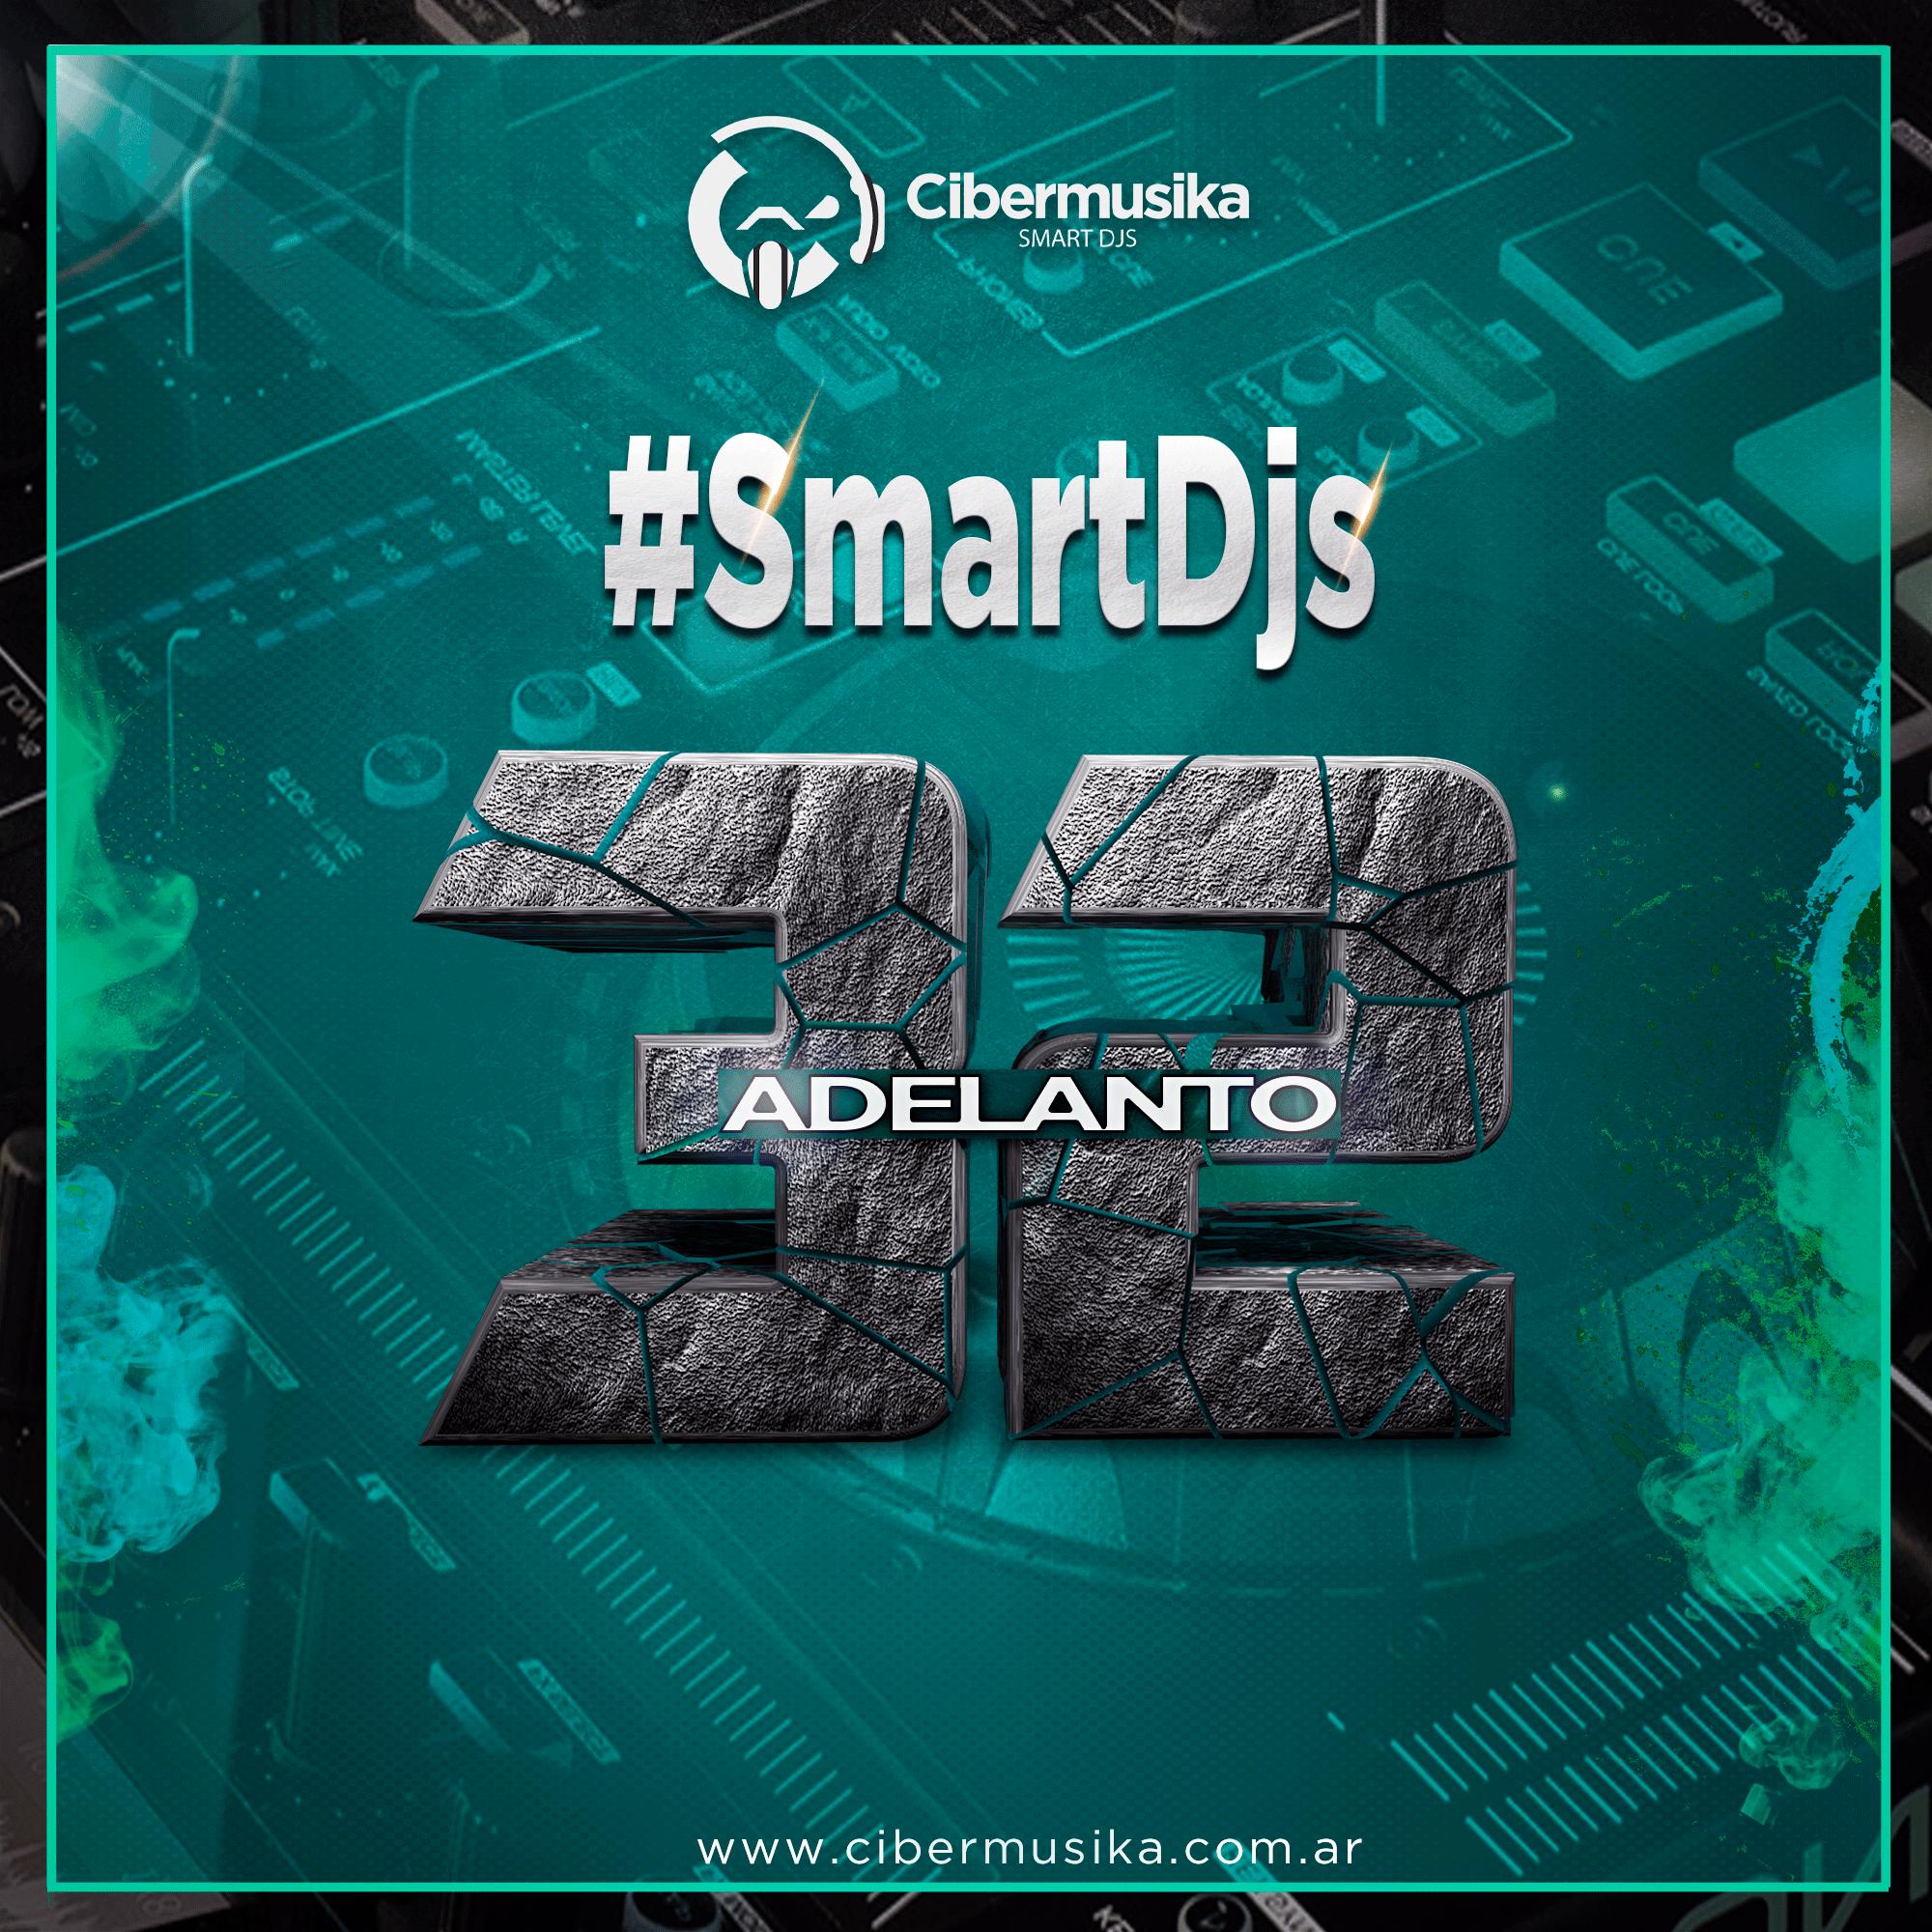 SmartDjs 32- Cibermusika (Adelanto)